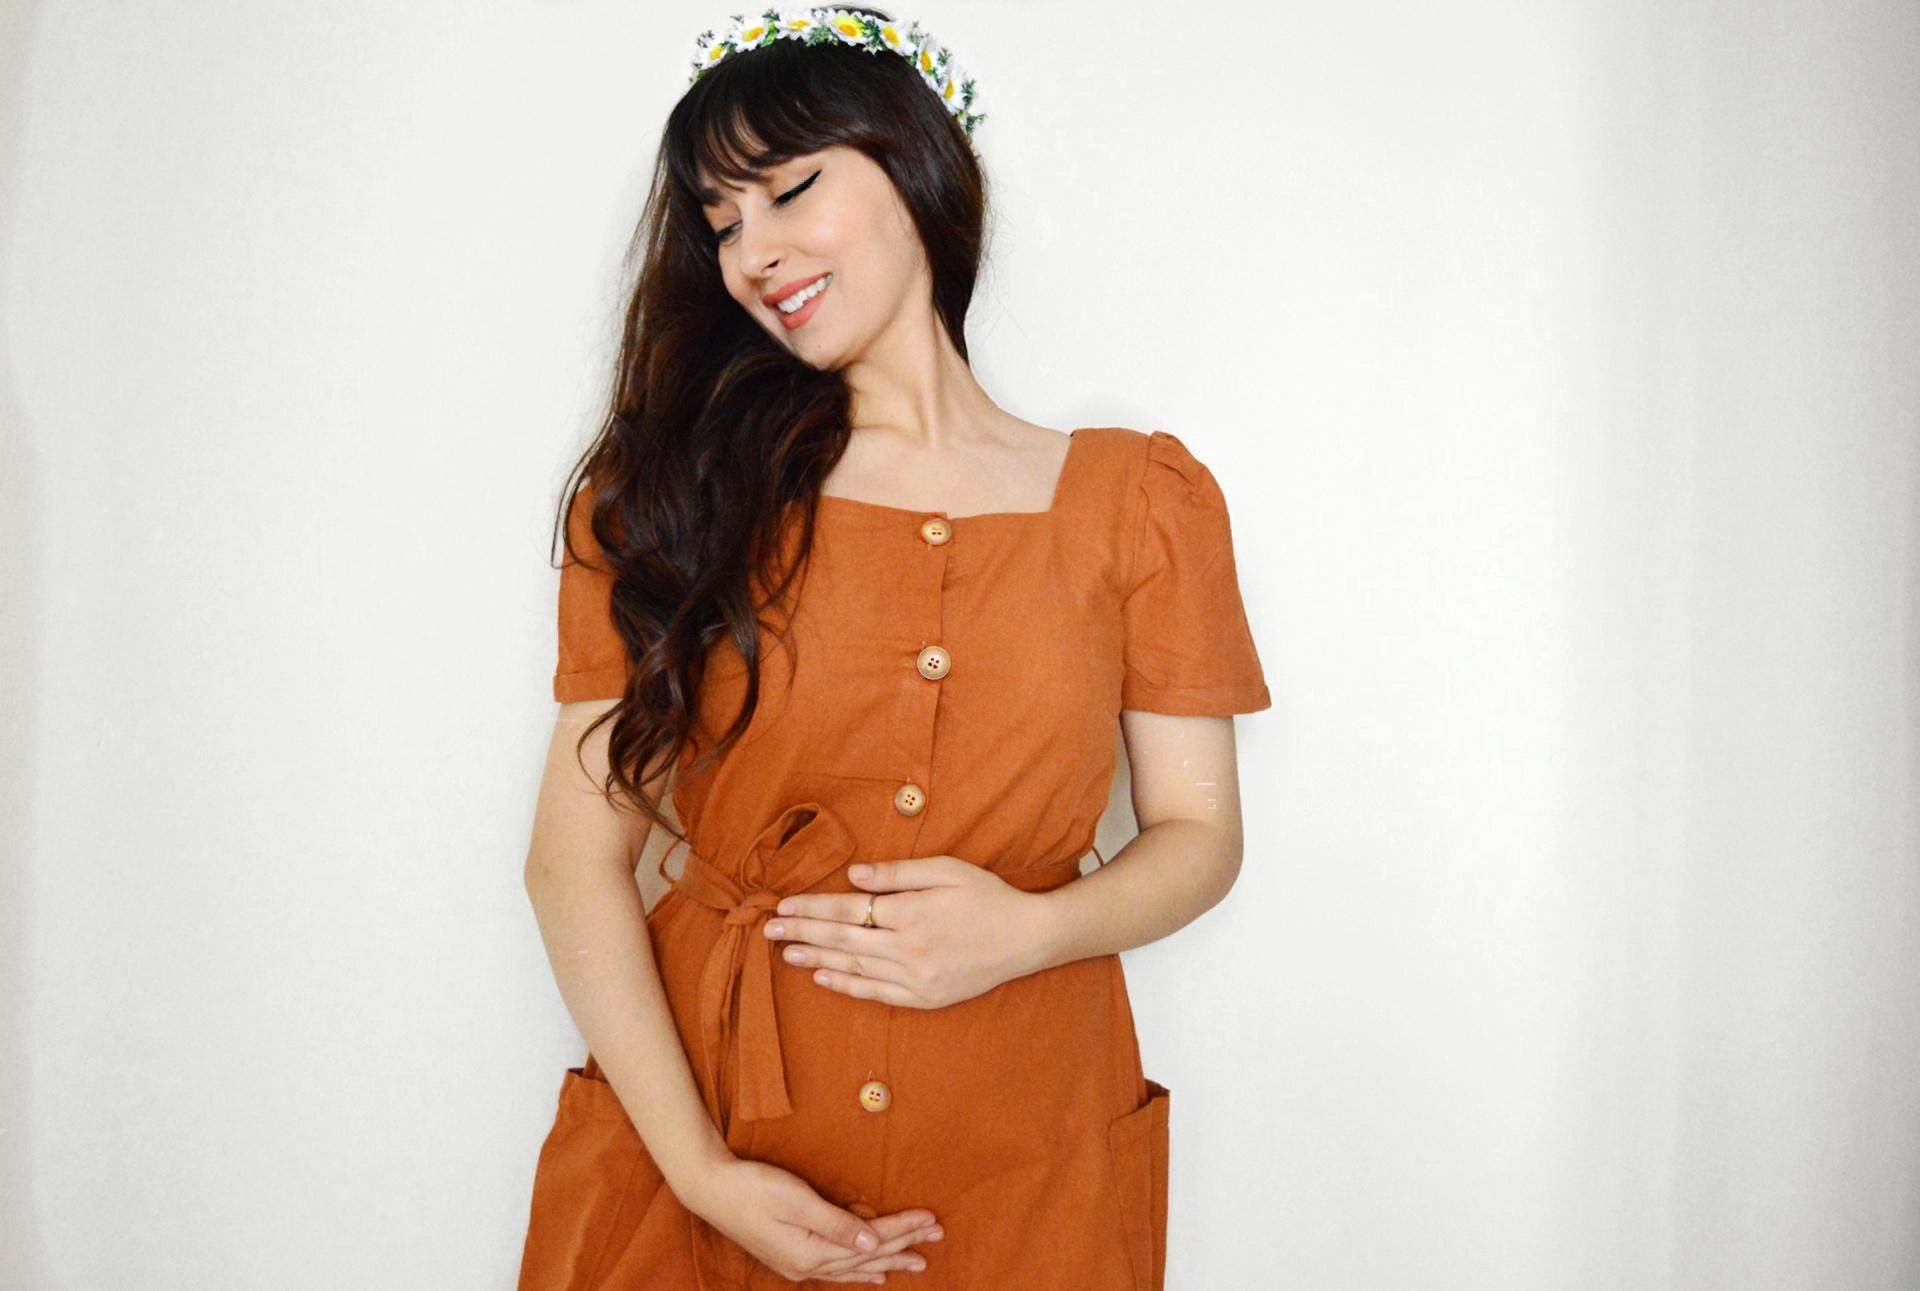 hamileyken mide bulantısı